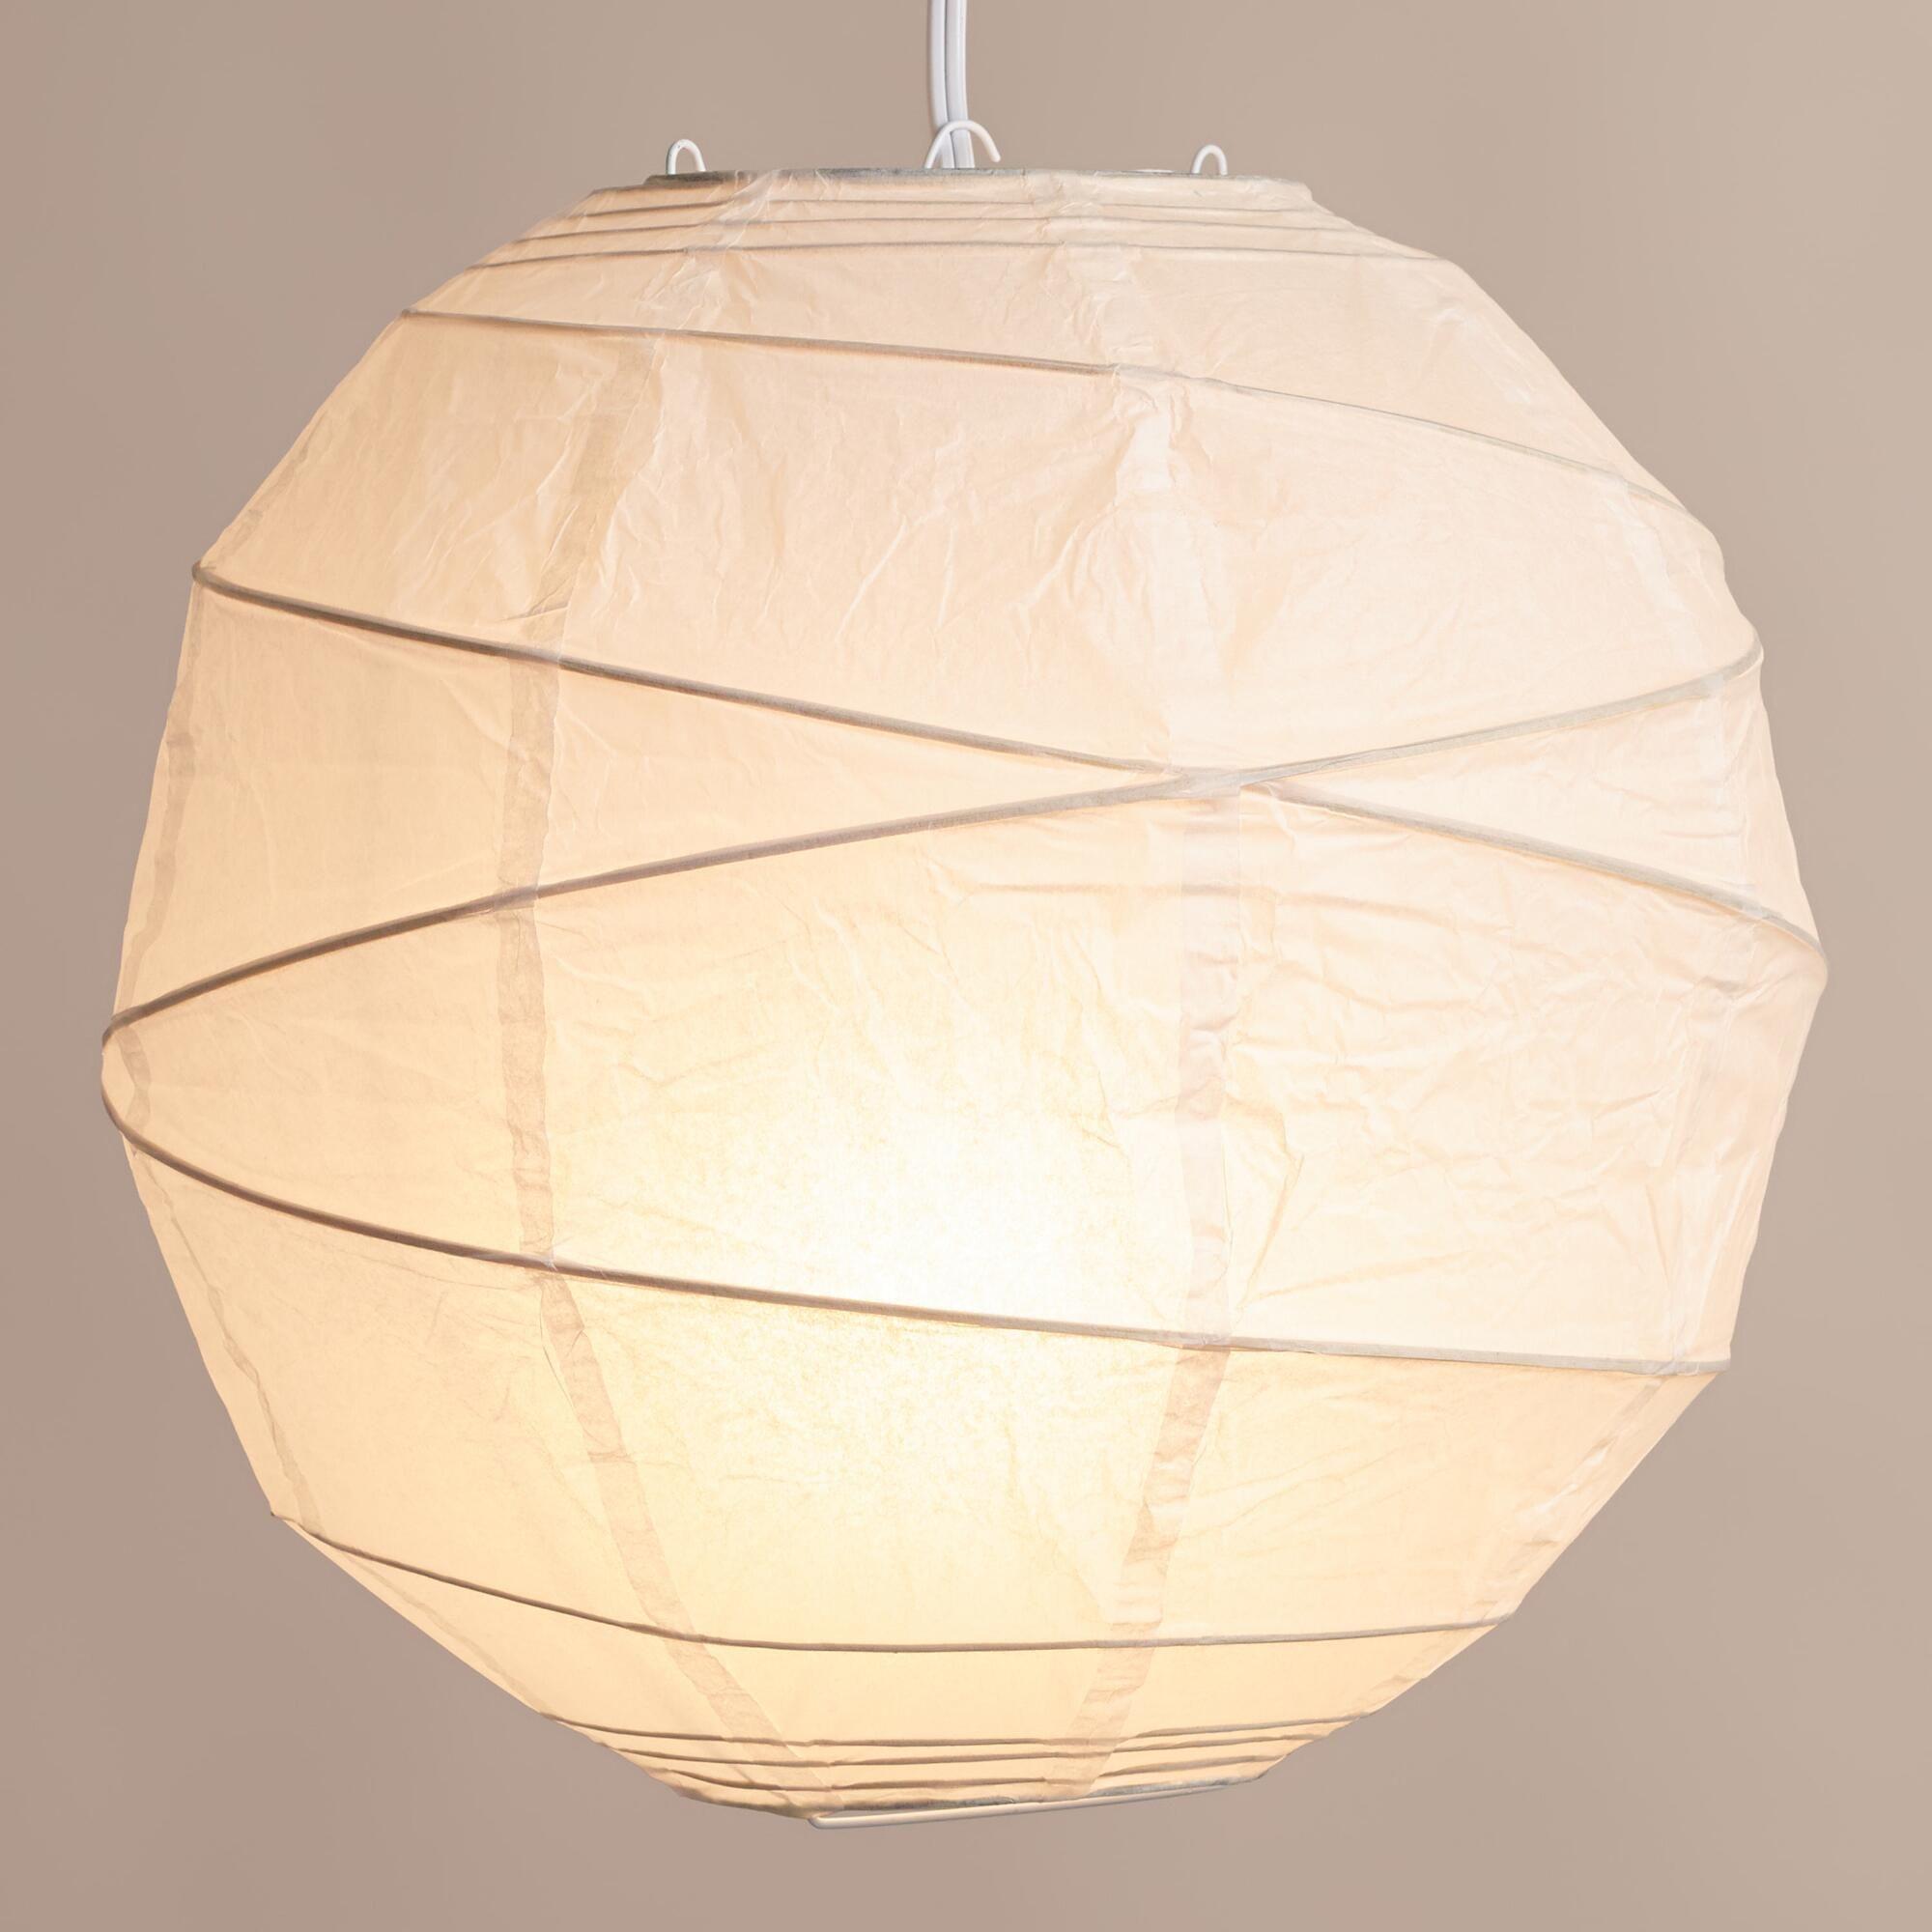 Maru Round White Paper Lantern